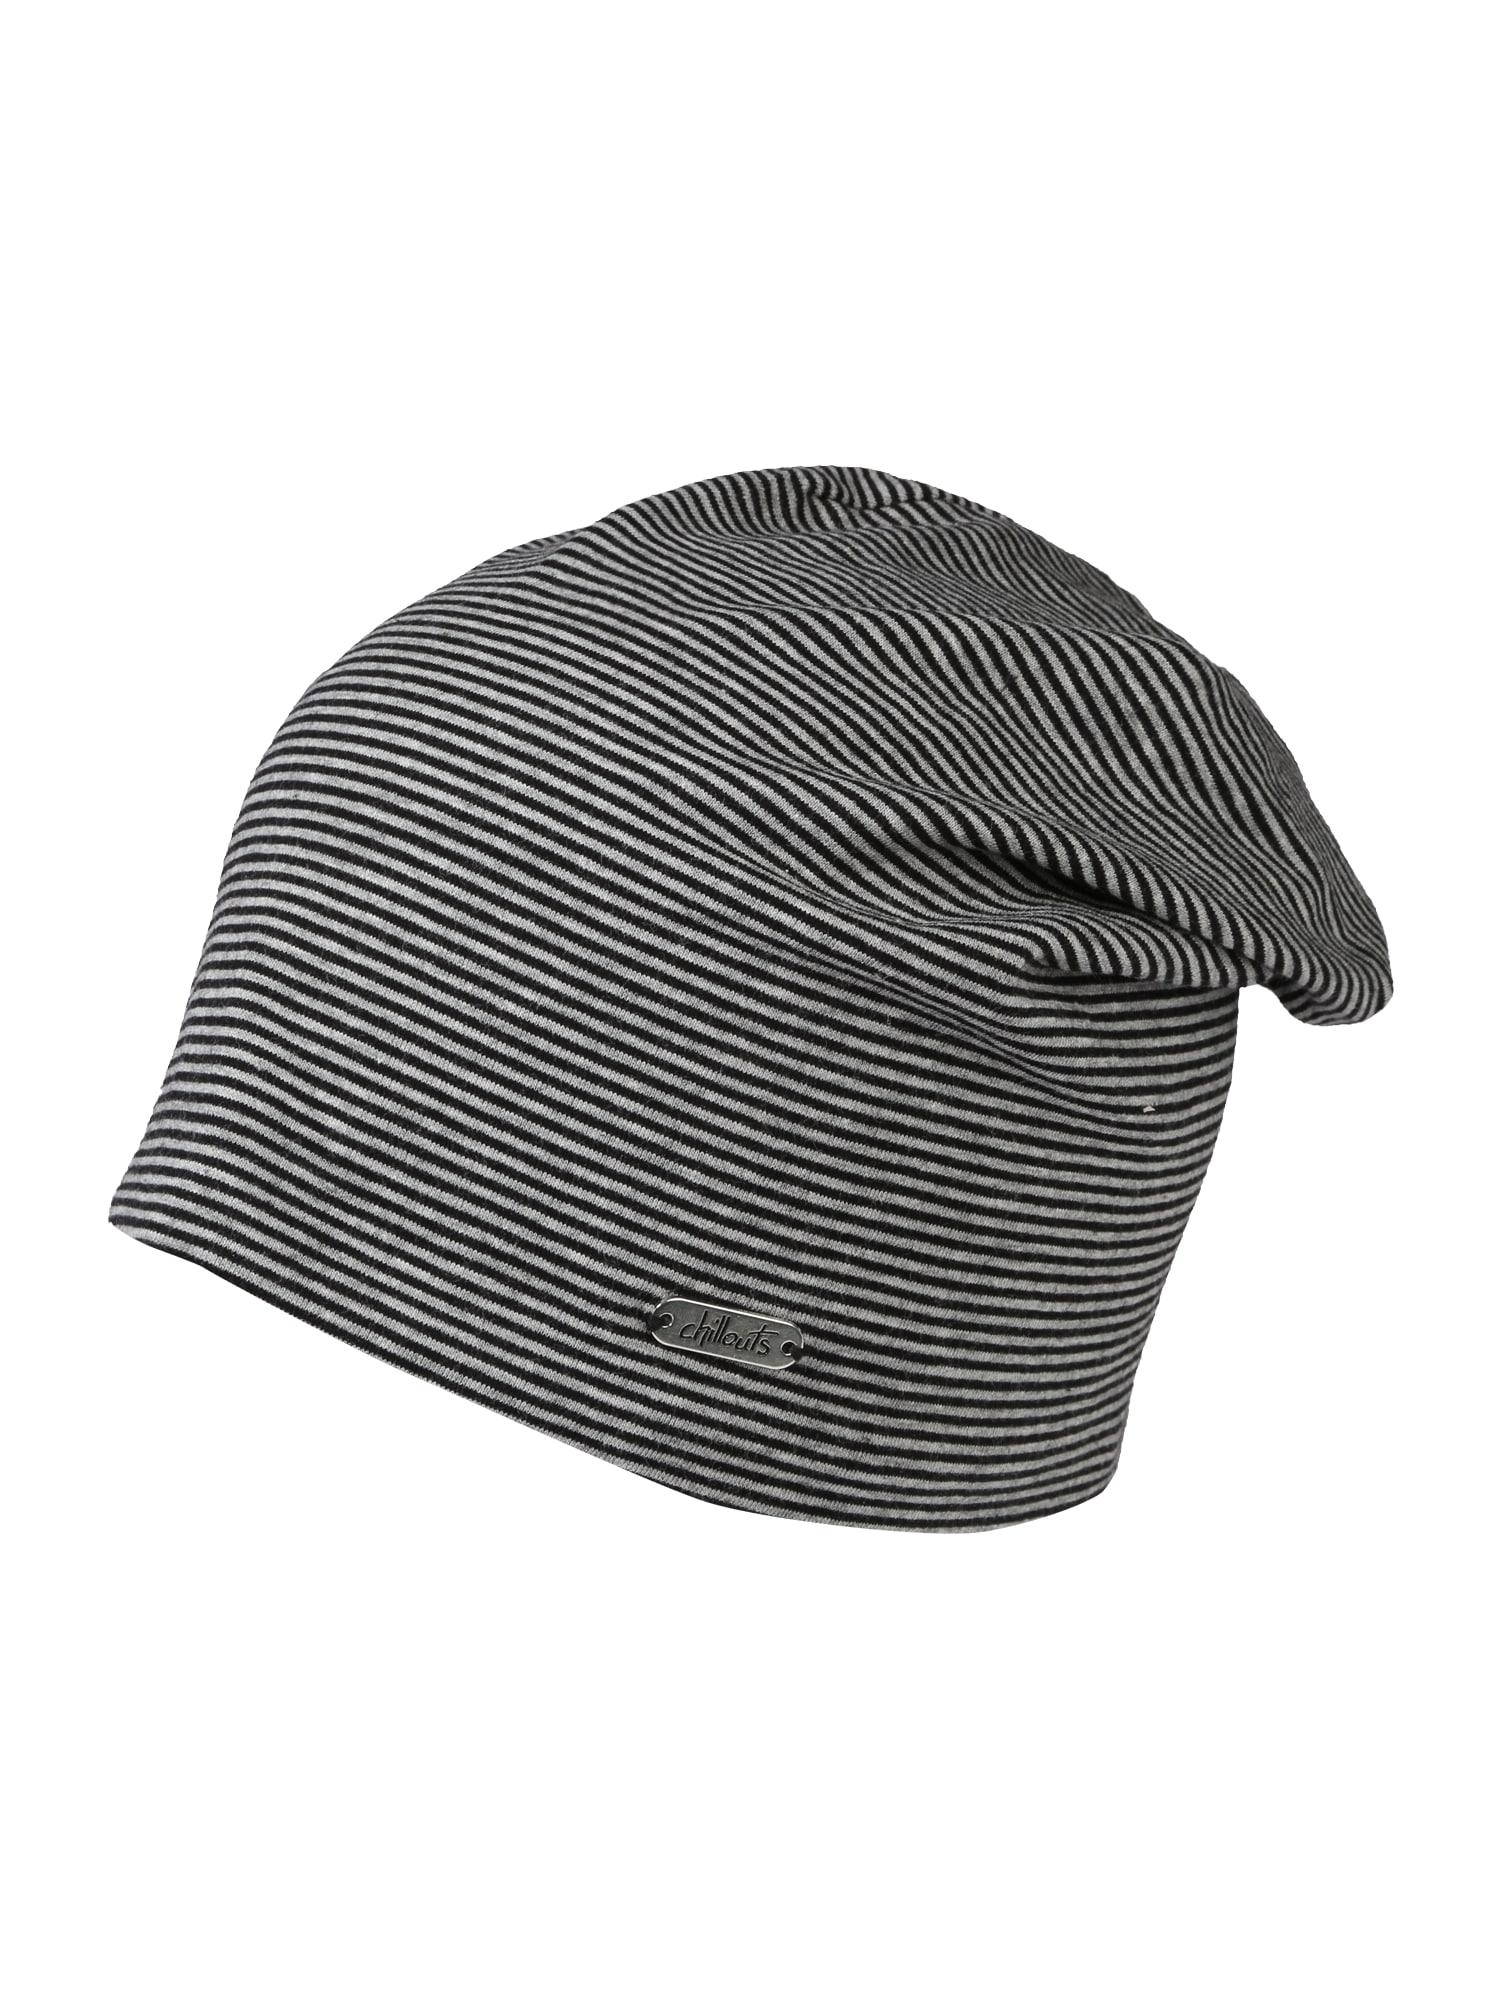 chillouts Megzta kepurė 'Pittsburgh' pilka / juoda